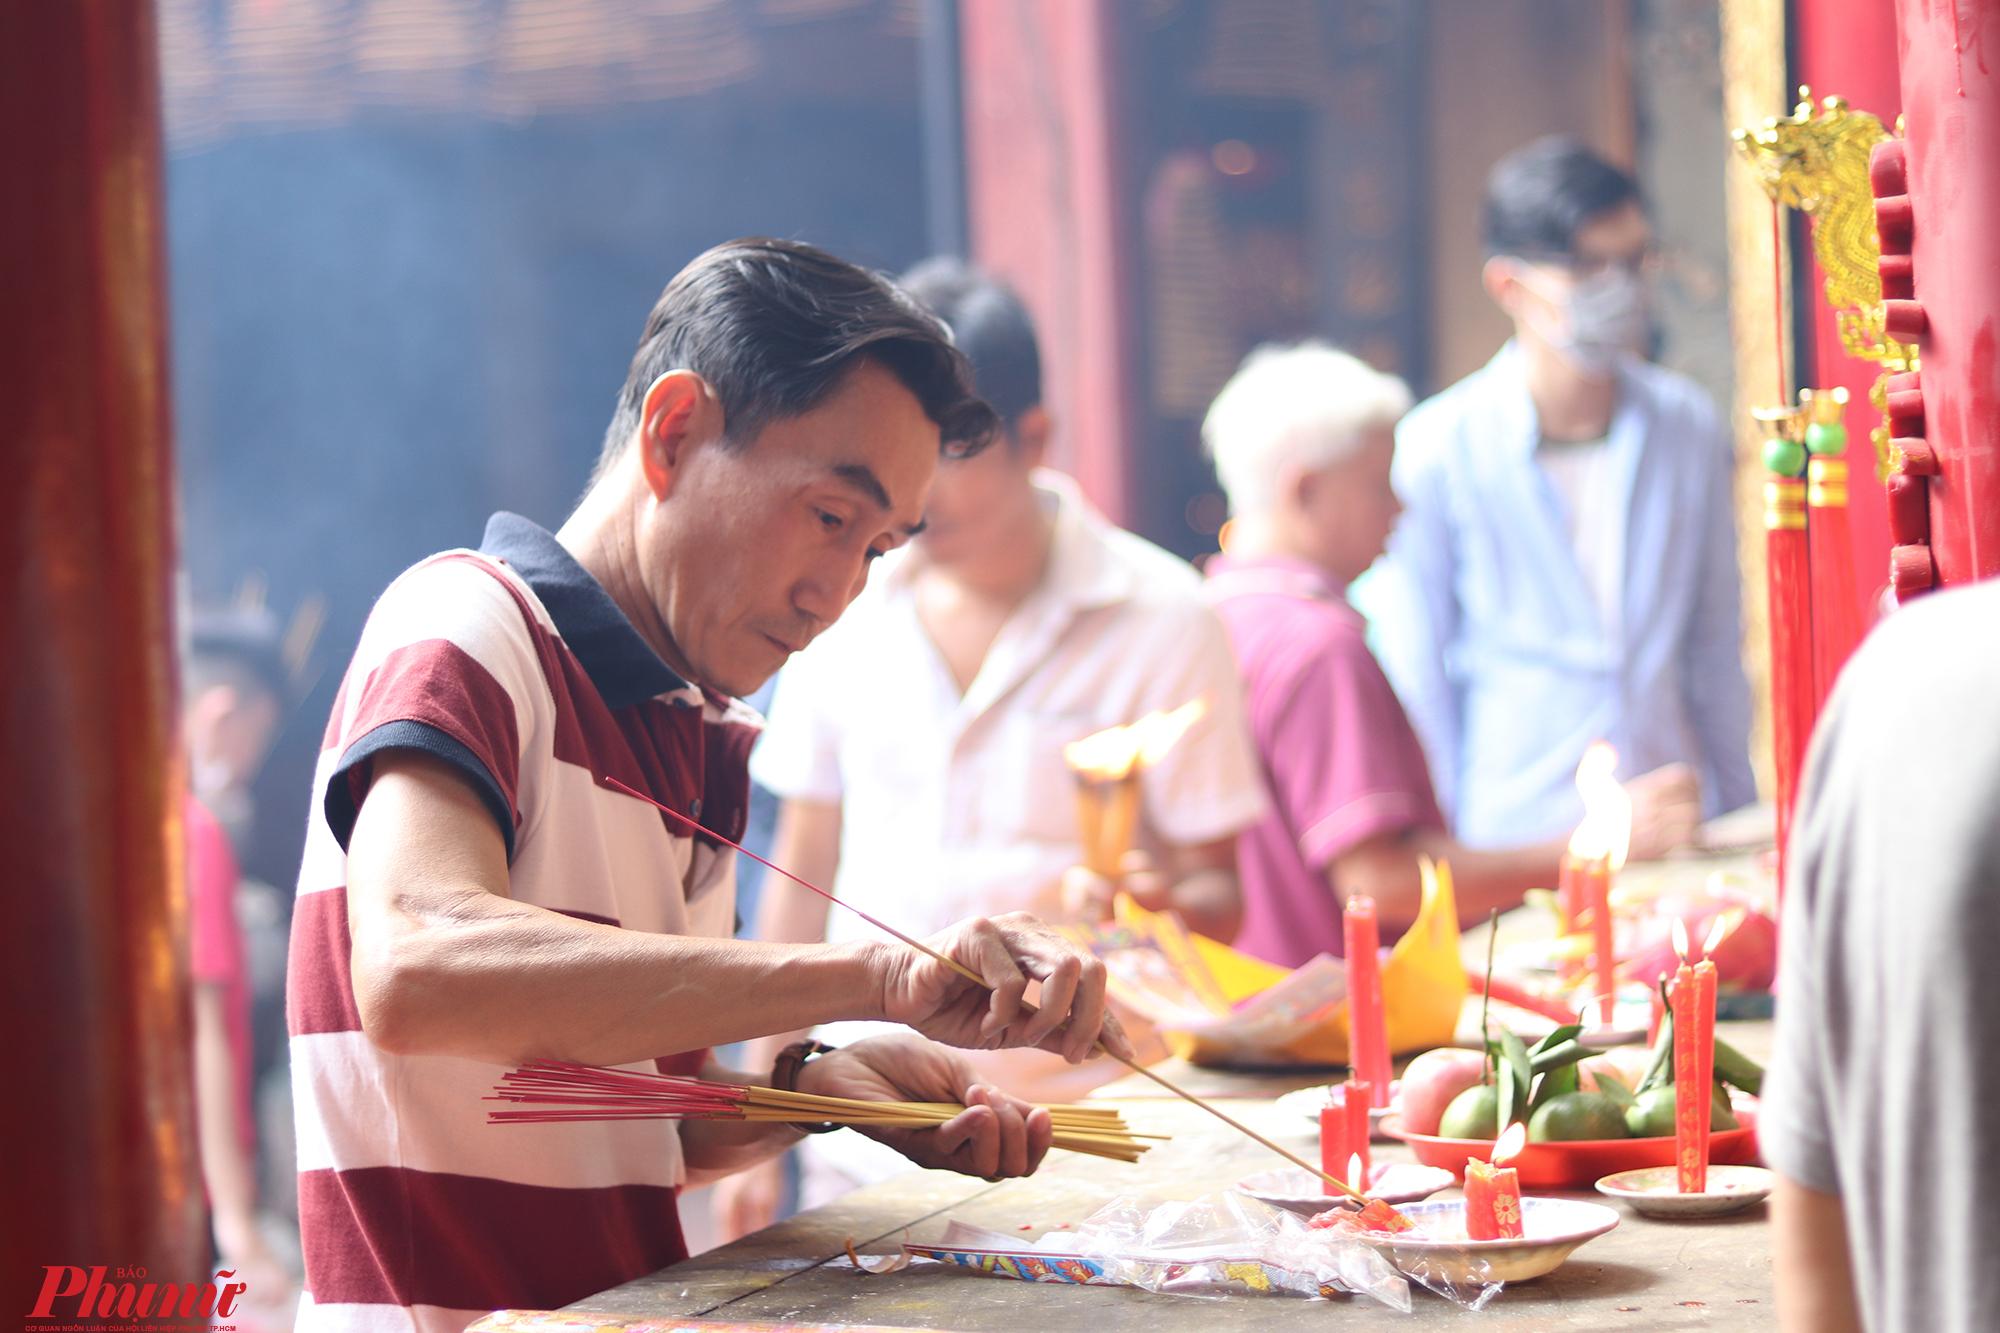 Thói quen đốt nhang cả bó vẫn chưa được người dân thay đổi nhiều khi đi chùa. Dù nhiều người nước mắt chảy nhưng vẫn đốt rất nhiều để hành lễ.